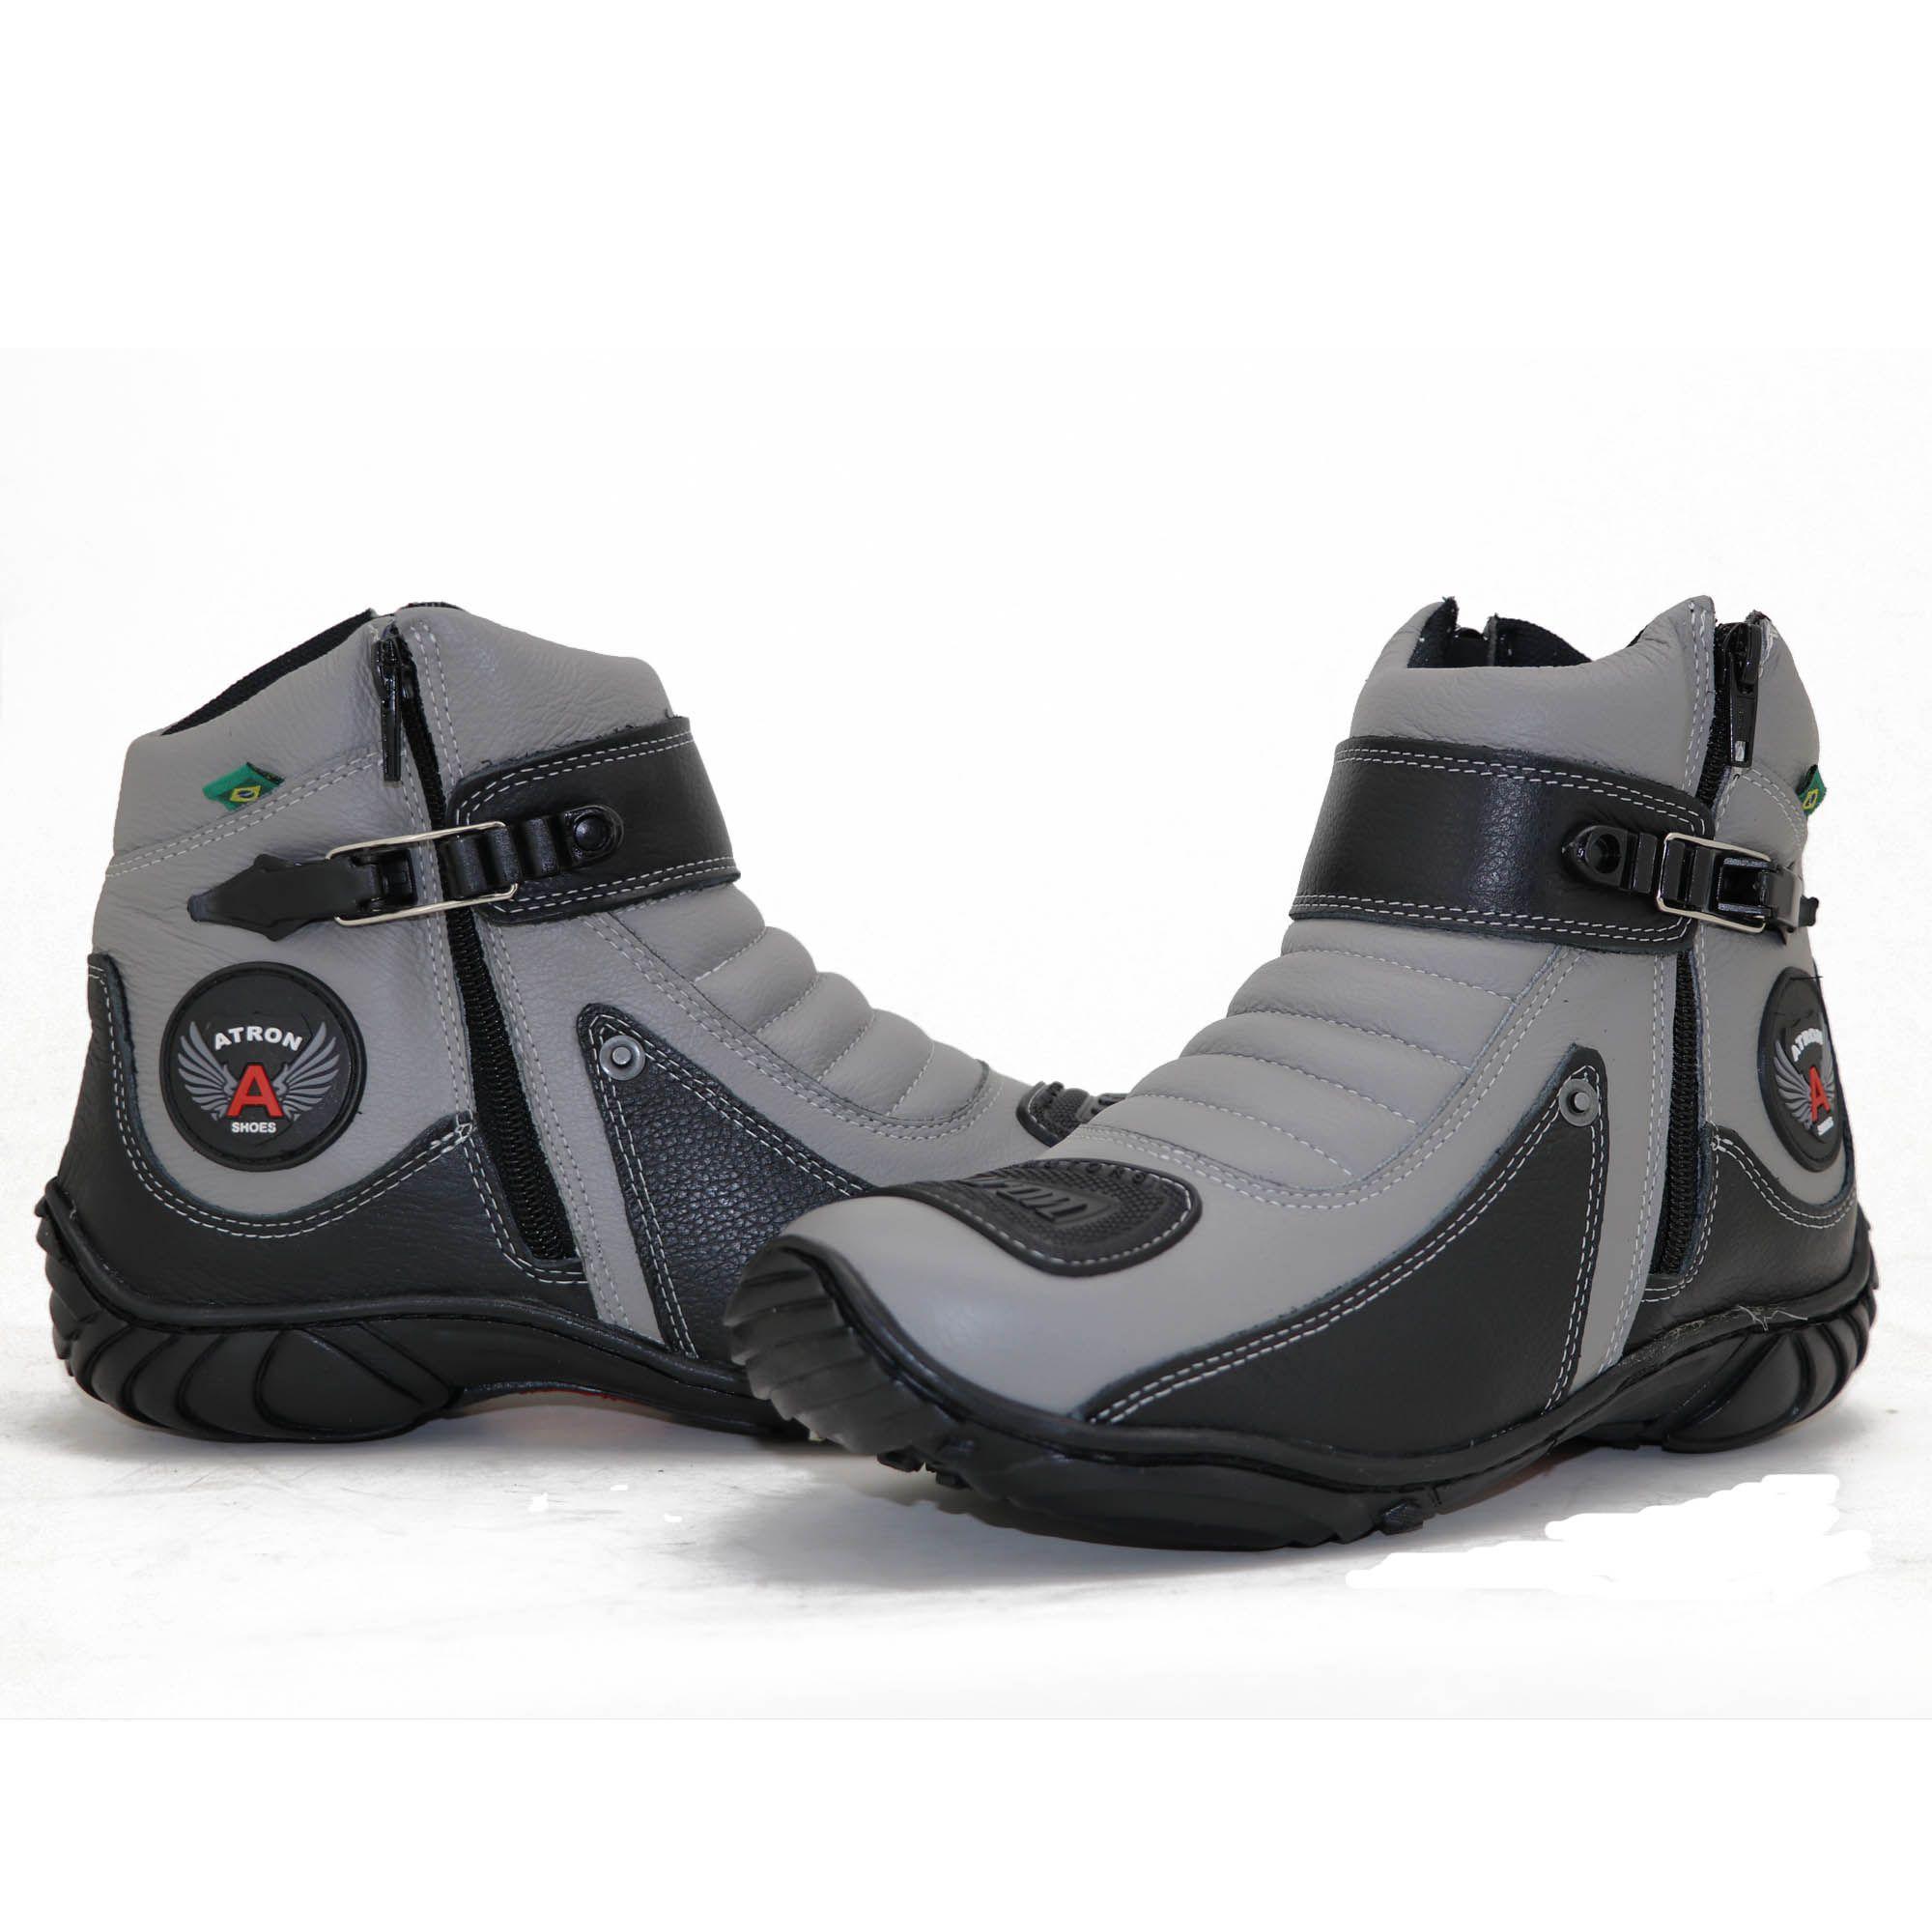 Bota motociclista Atron Shoes em couro legítimo 271 personalizado cinza e preto